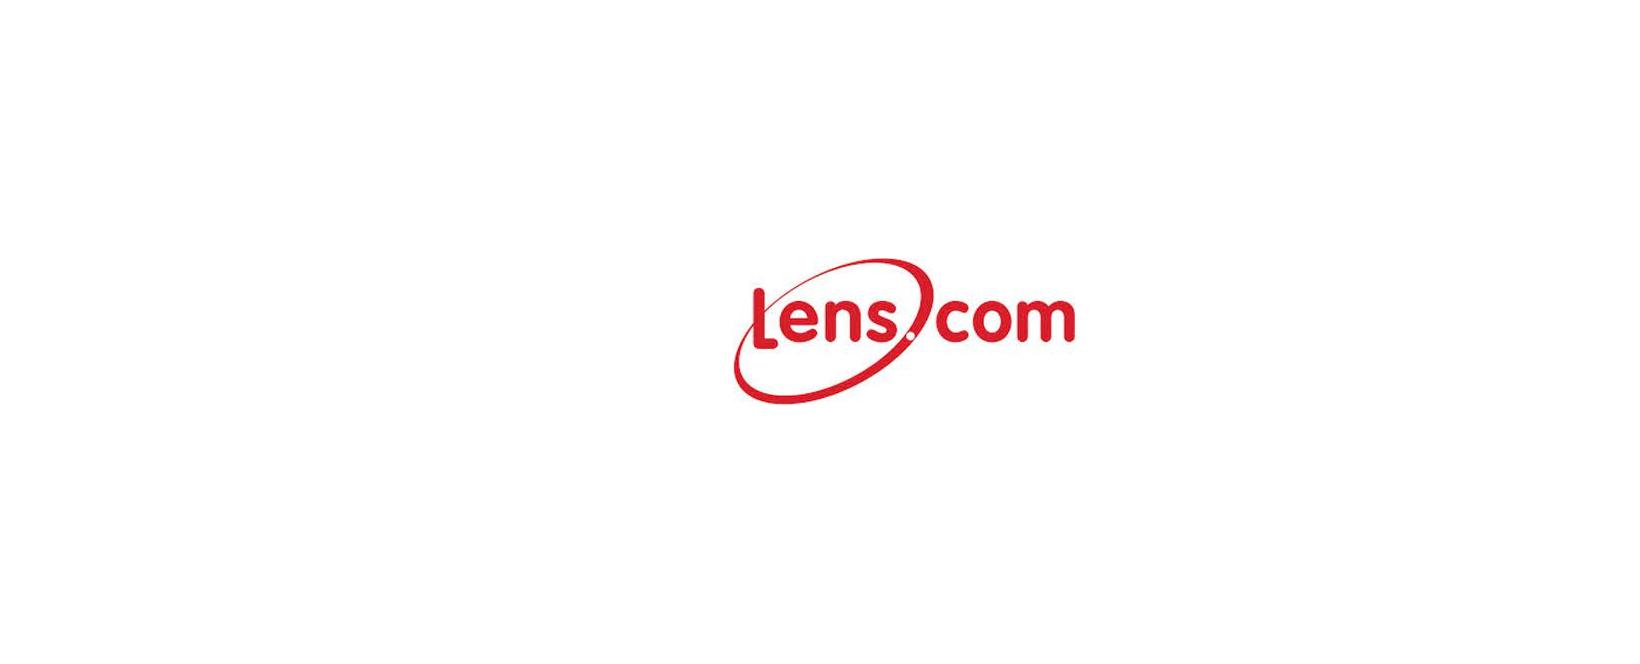 Lens.com Discount Code 2021